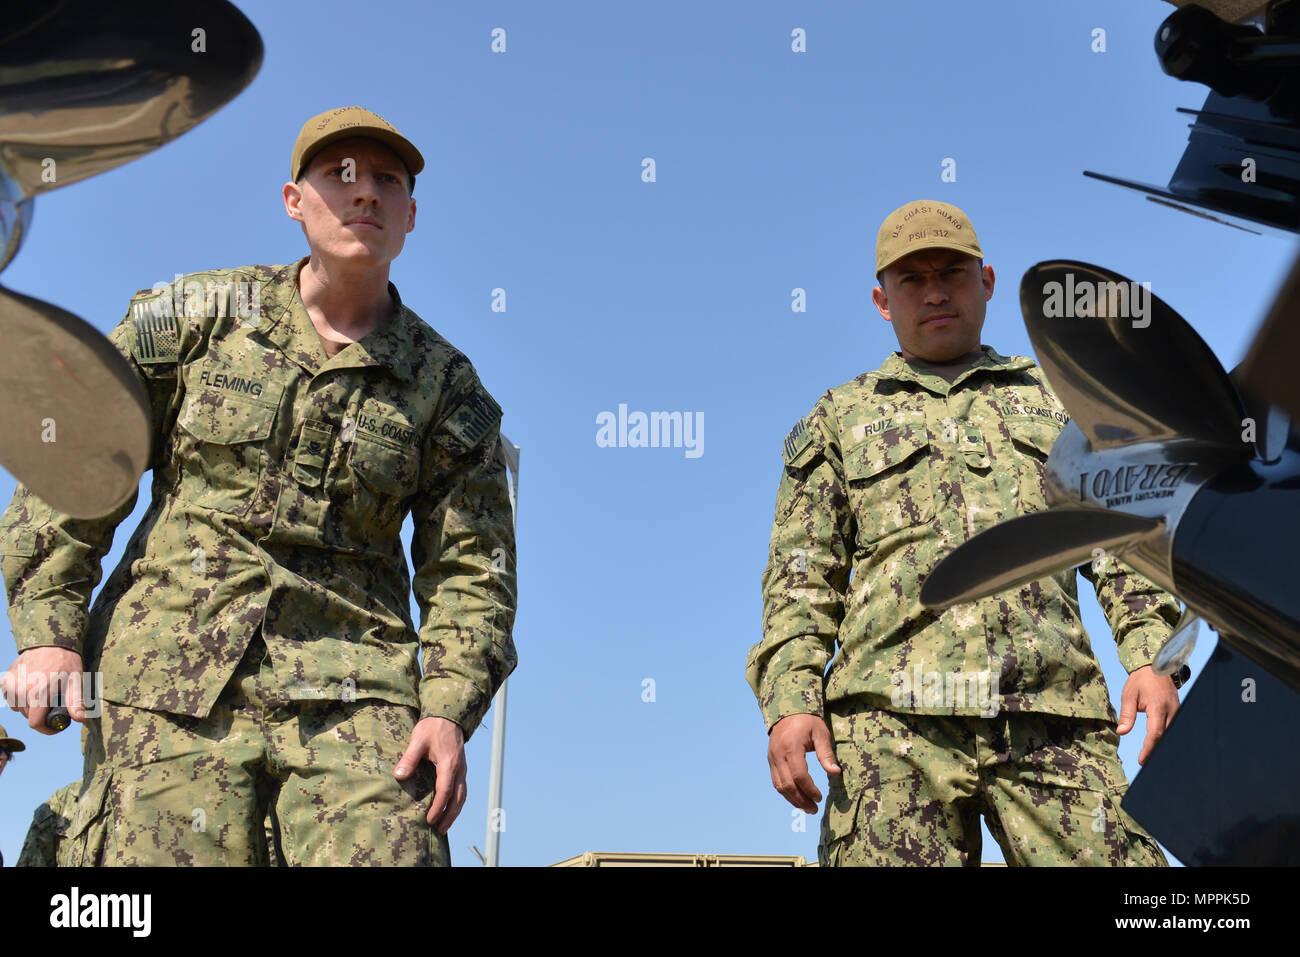 U.S. Coast Guard Maître de 2e classe Michael Fleming (à gauche) et le Maître de 3e classe Eliomar Ruiz, à partir de la Garde côtière canadienne 307 Unité de sécurité portuaire, inspecter l'un de l'unité de 32 pieds du port bateaux transportables de sécurité pendant le fonctionnement de l'exercice Pacific Reach 2017 à Pohang, République de Corée, le 7 avril 2017. OPRex17 est un événement de formation bilatérale conçu pour garantir l'état de préparation et de maintenir les capacités de renforcement de la Corée du Sud et les États-Unis Alliance. Les gardes côte serviront de cadre de combined task group la conduite d'eau, des ports et des opérations de sécurité côtière des États-Unis de protéger les ressources et le personnel-ROK exer Photo Stock